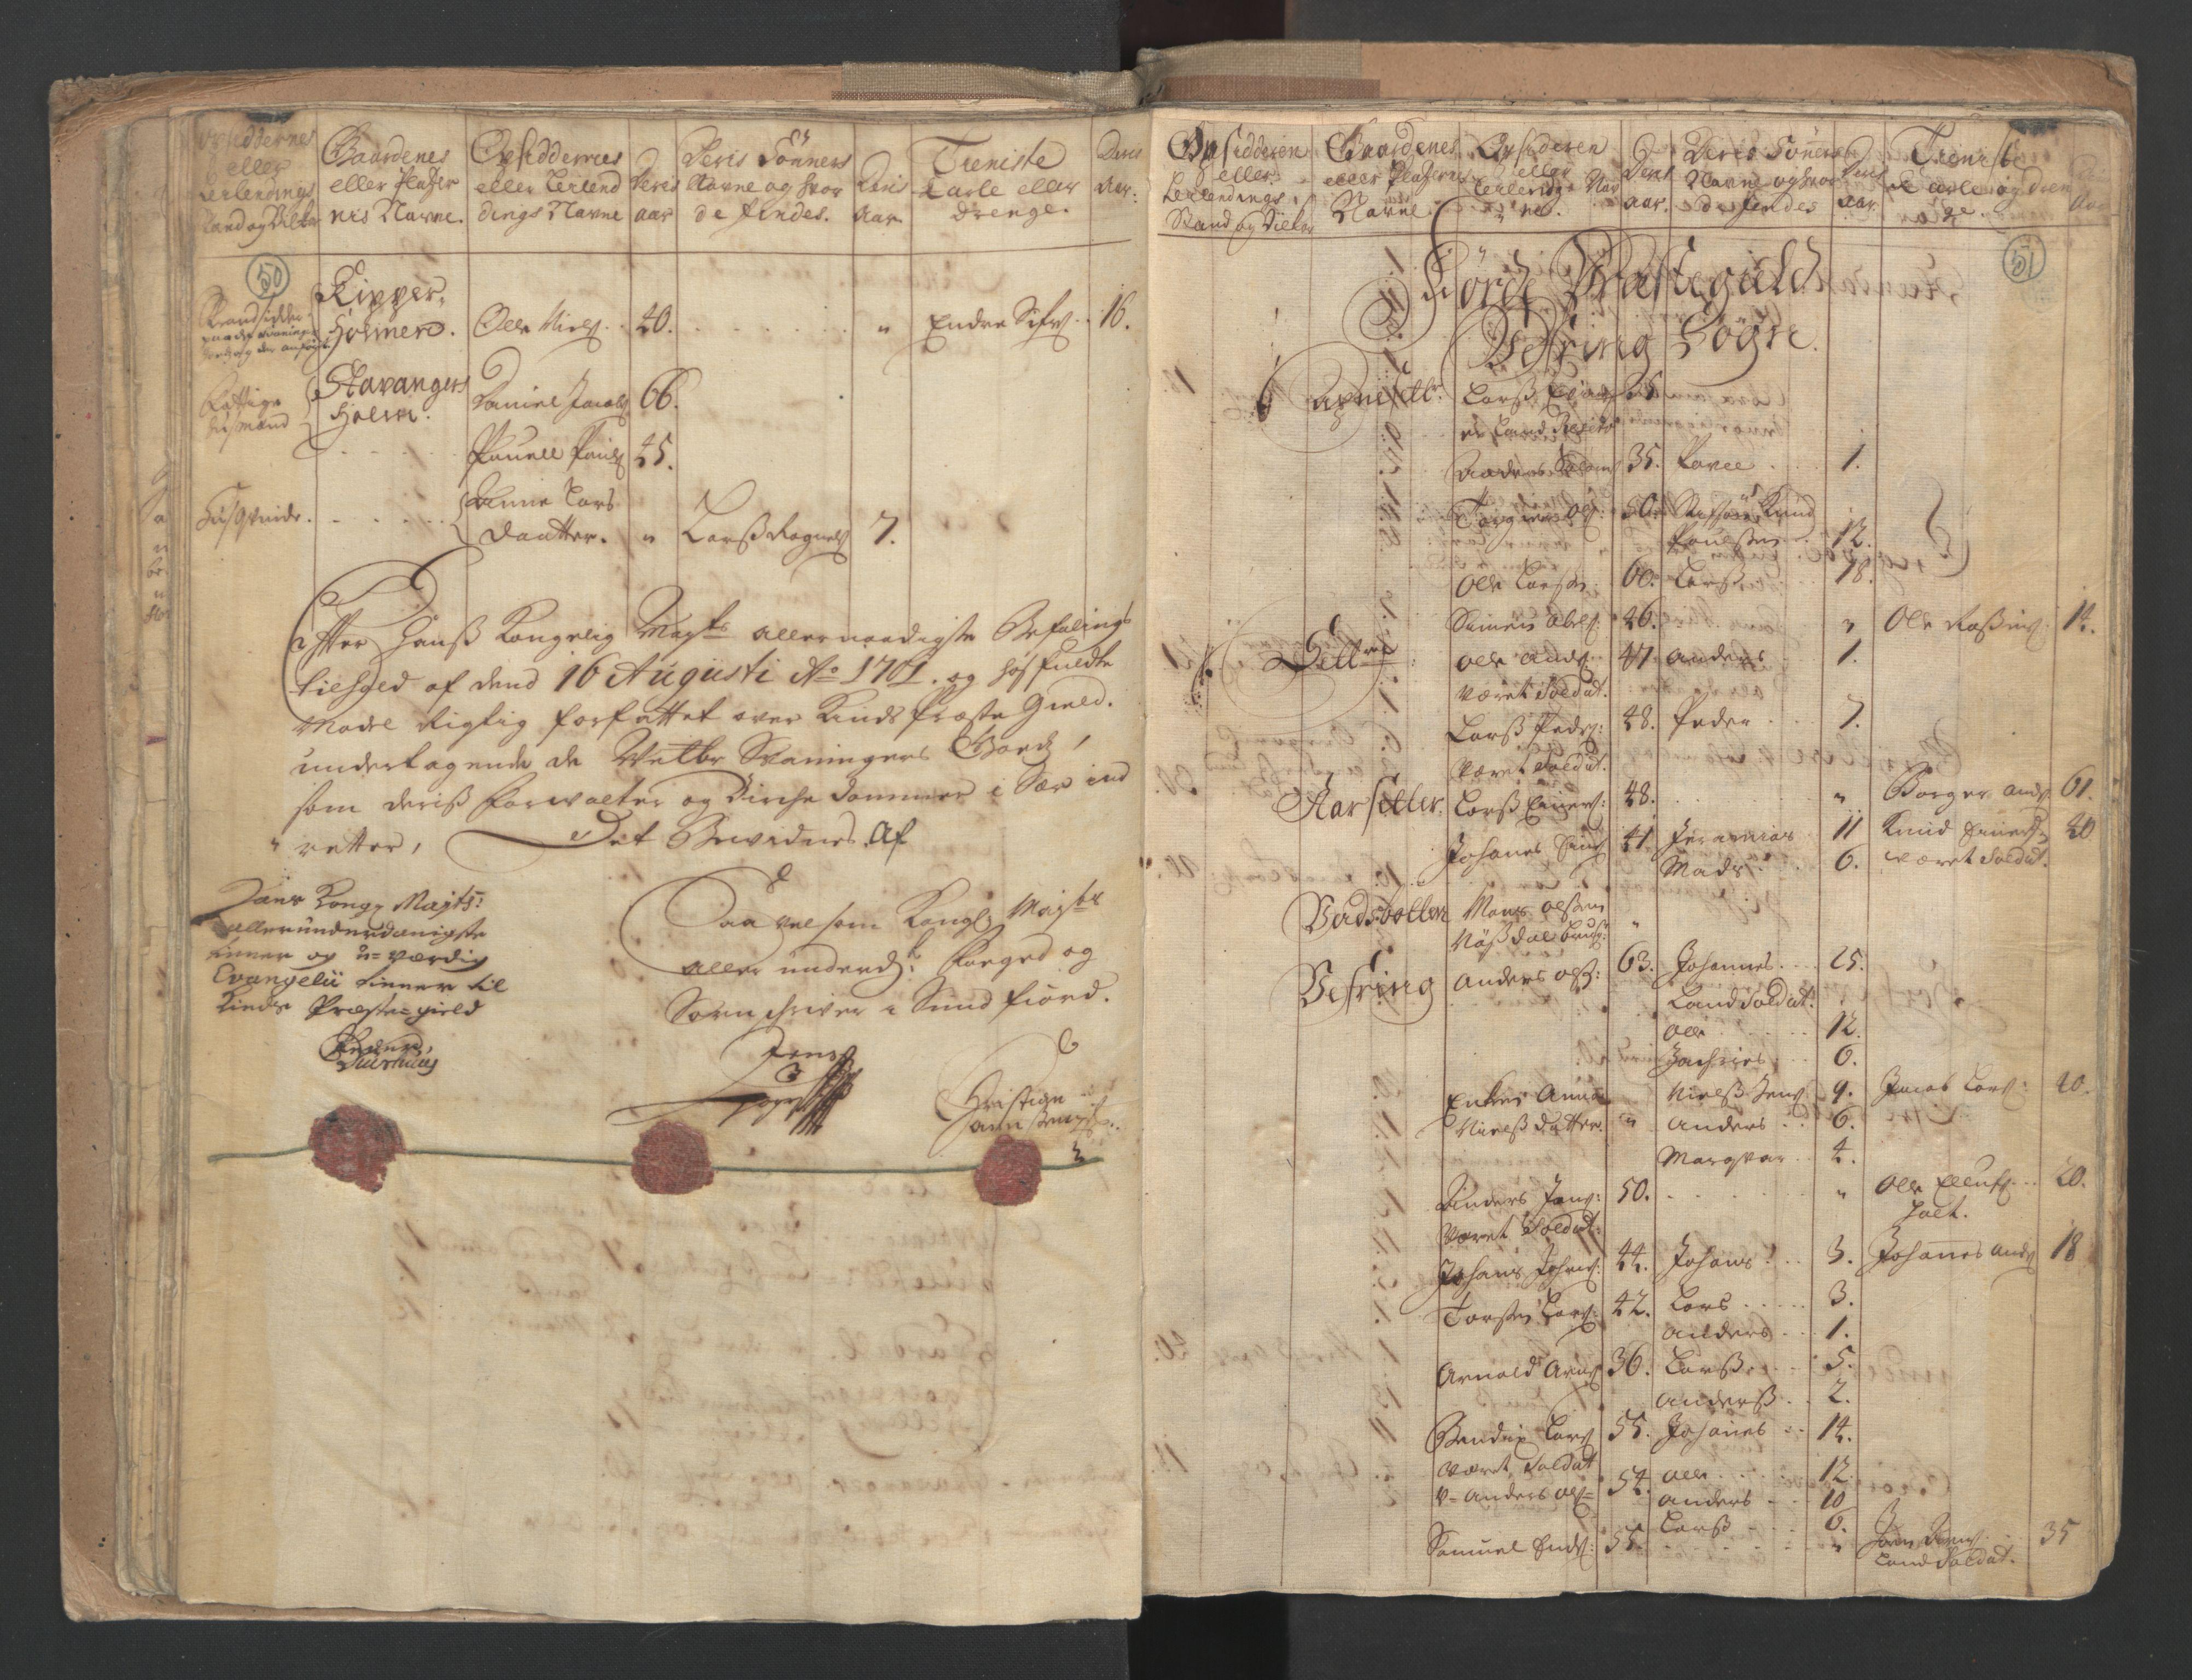 RA, Manntallet 1701, nr. 9: Sunnfjord fogderi, Nordfjord fogderi og Svanø birk, 1701, s. 50-51